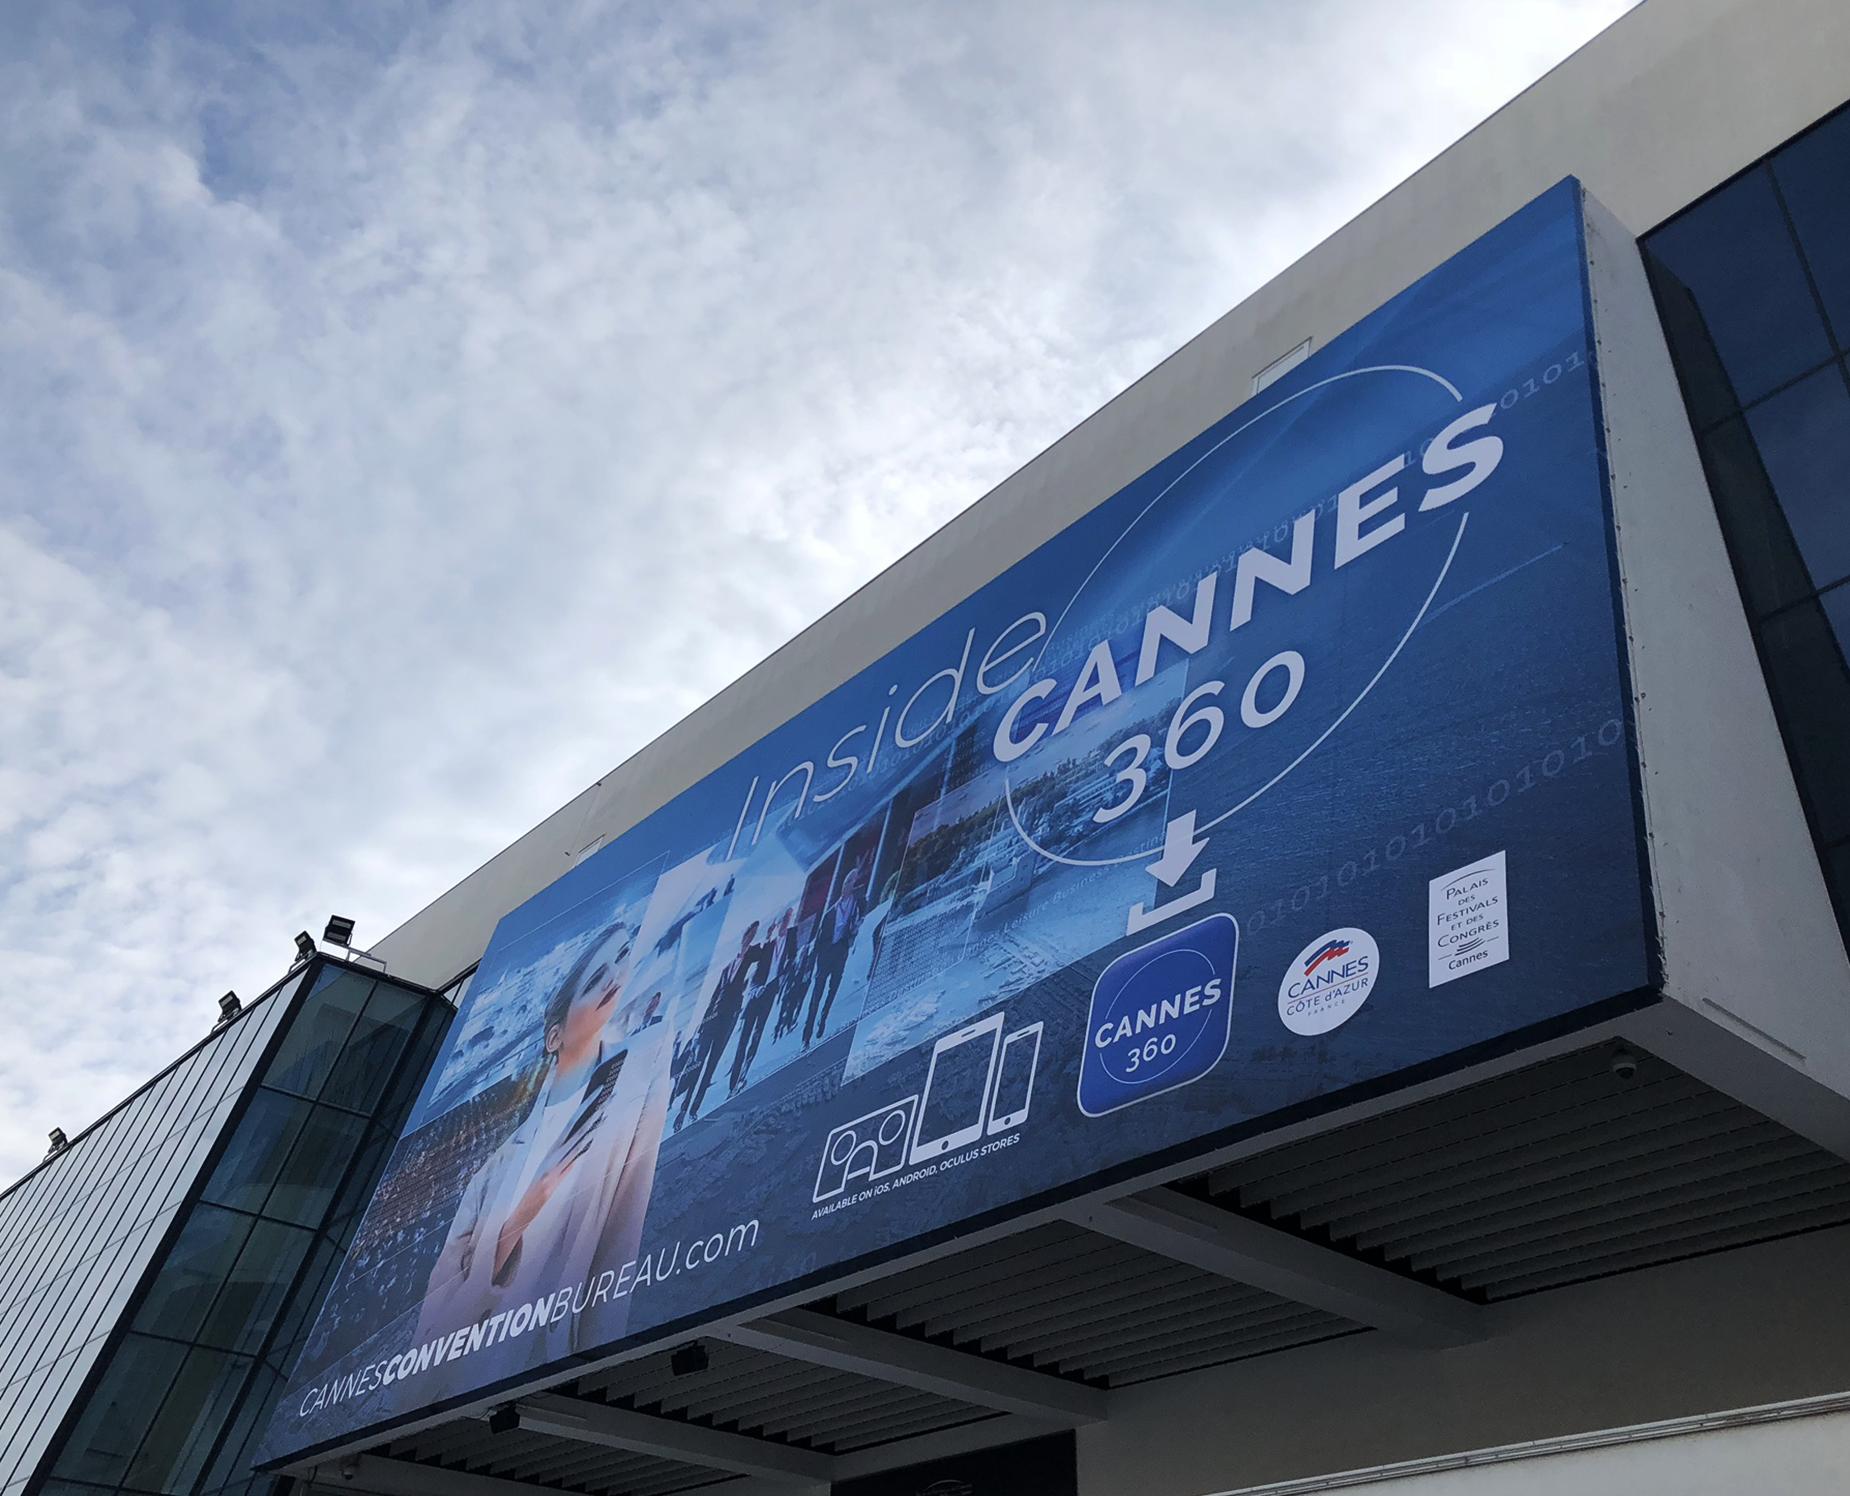 Palais des Gongrès et Festival de Cannes en contre plongée